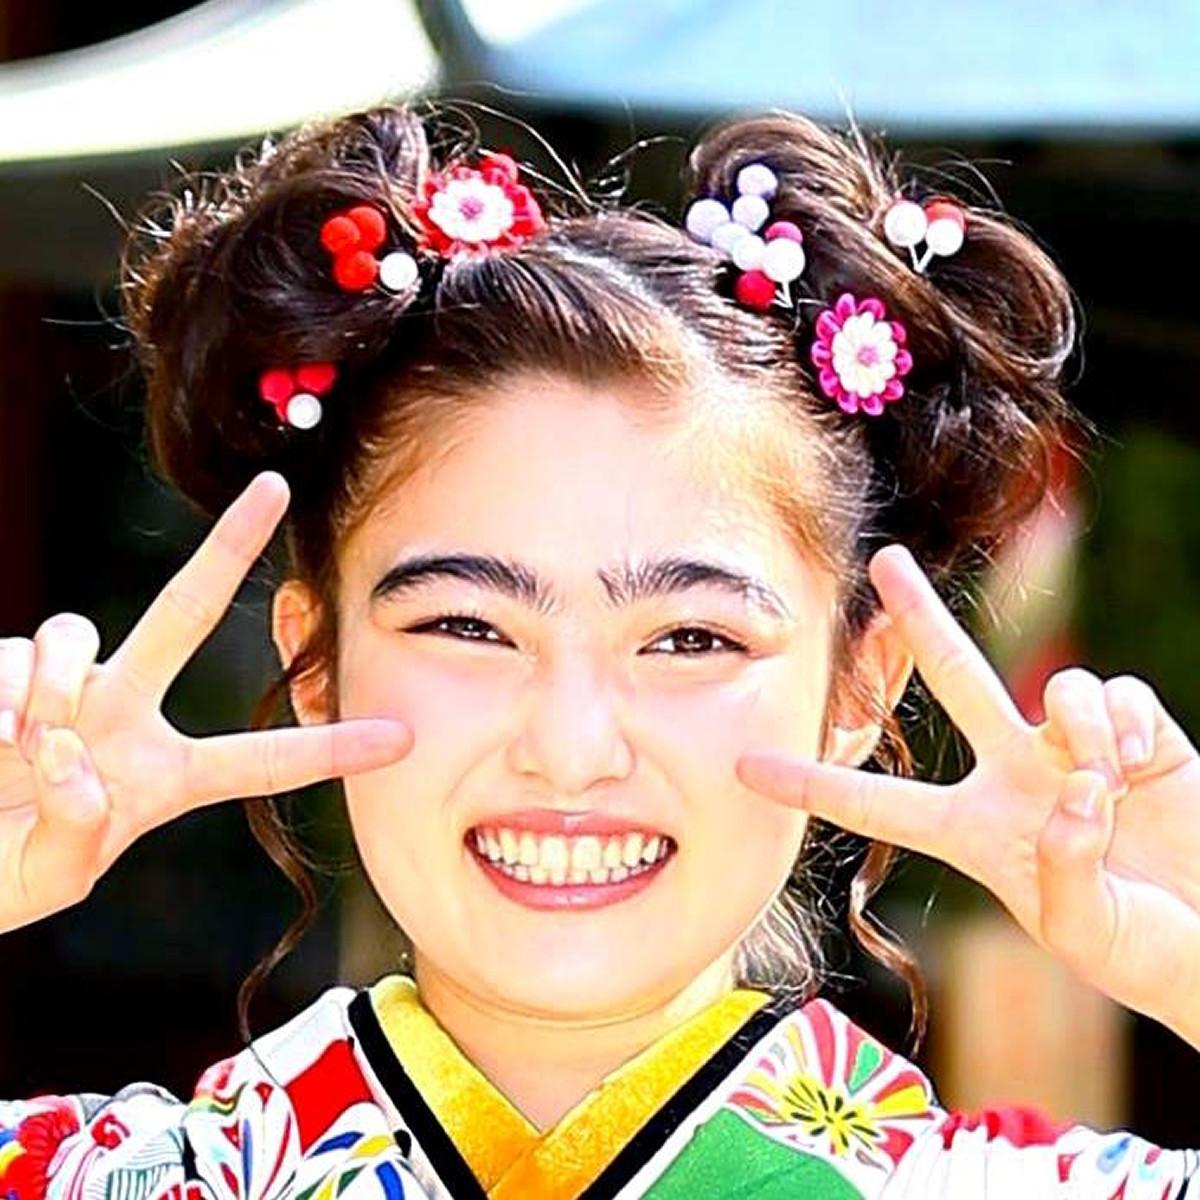 太眉卒業の井上咲楽、老けメイクでも隠せない美しさに絶賛「まつ毛長すぎ」「目がクリクリ」(スポーツ報知) - Yahoo!ニュース